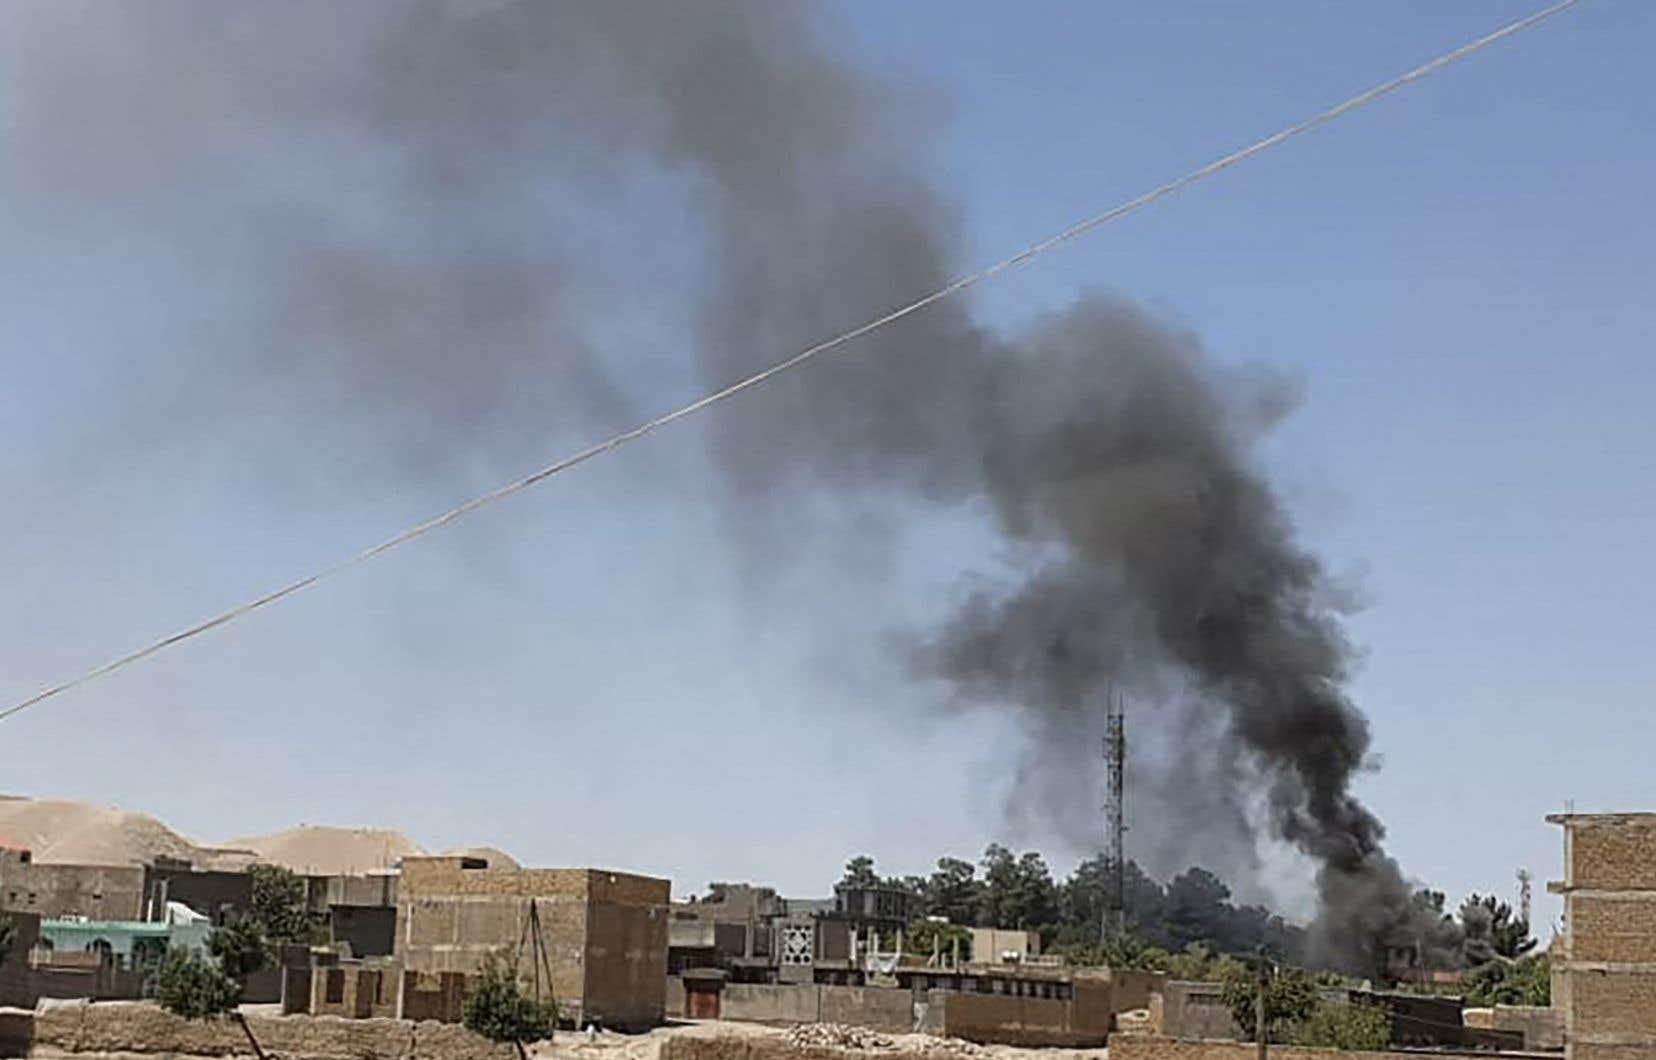 Les talibans ont expulsé des personnes de leur domicile dans le nord de l'Afghanistan, et pillent ou incendient certaines habitations, a dénoncé mercredi l'association de défense des droits de la personne Human Rights Watch.